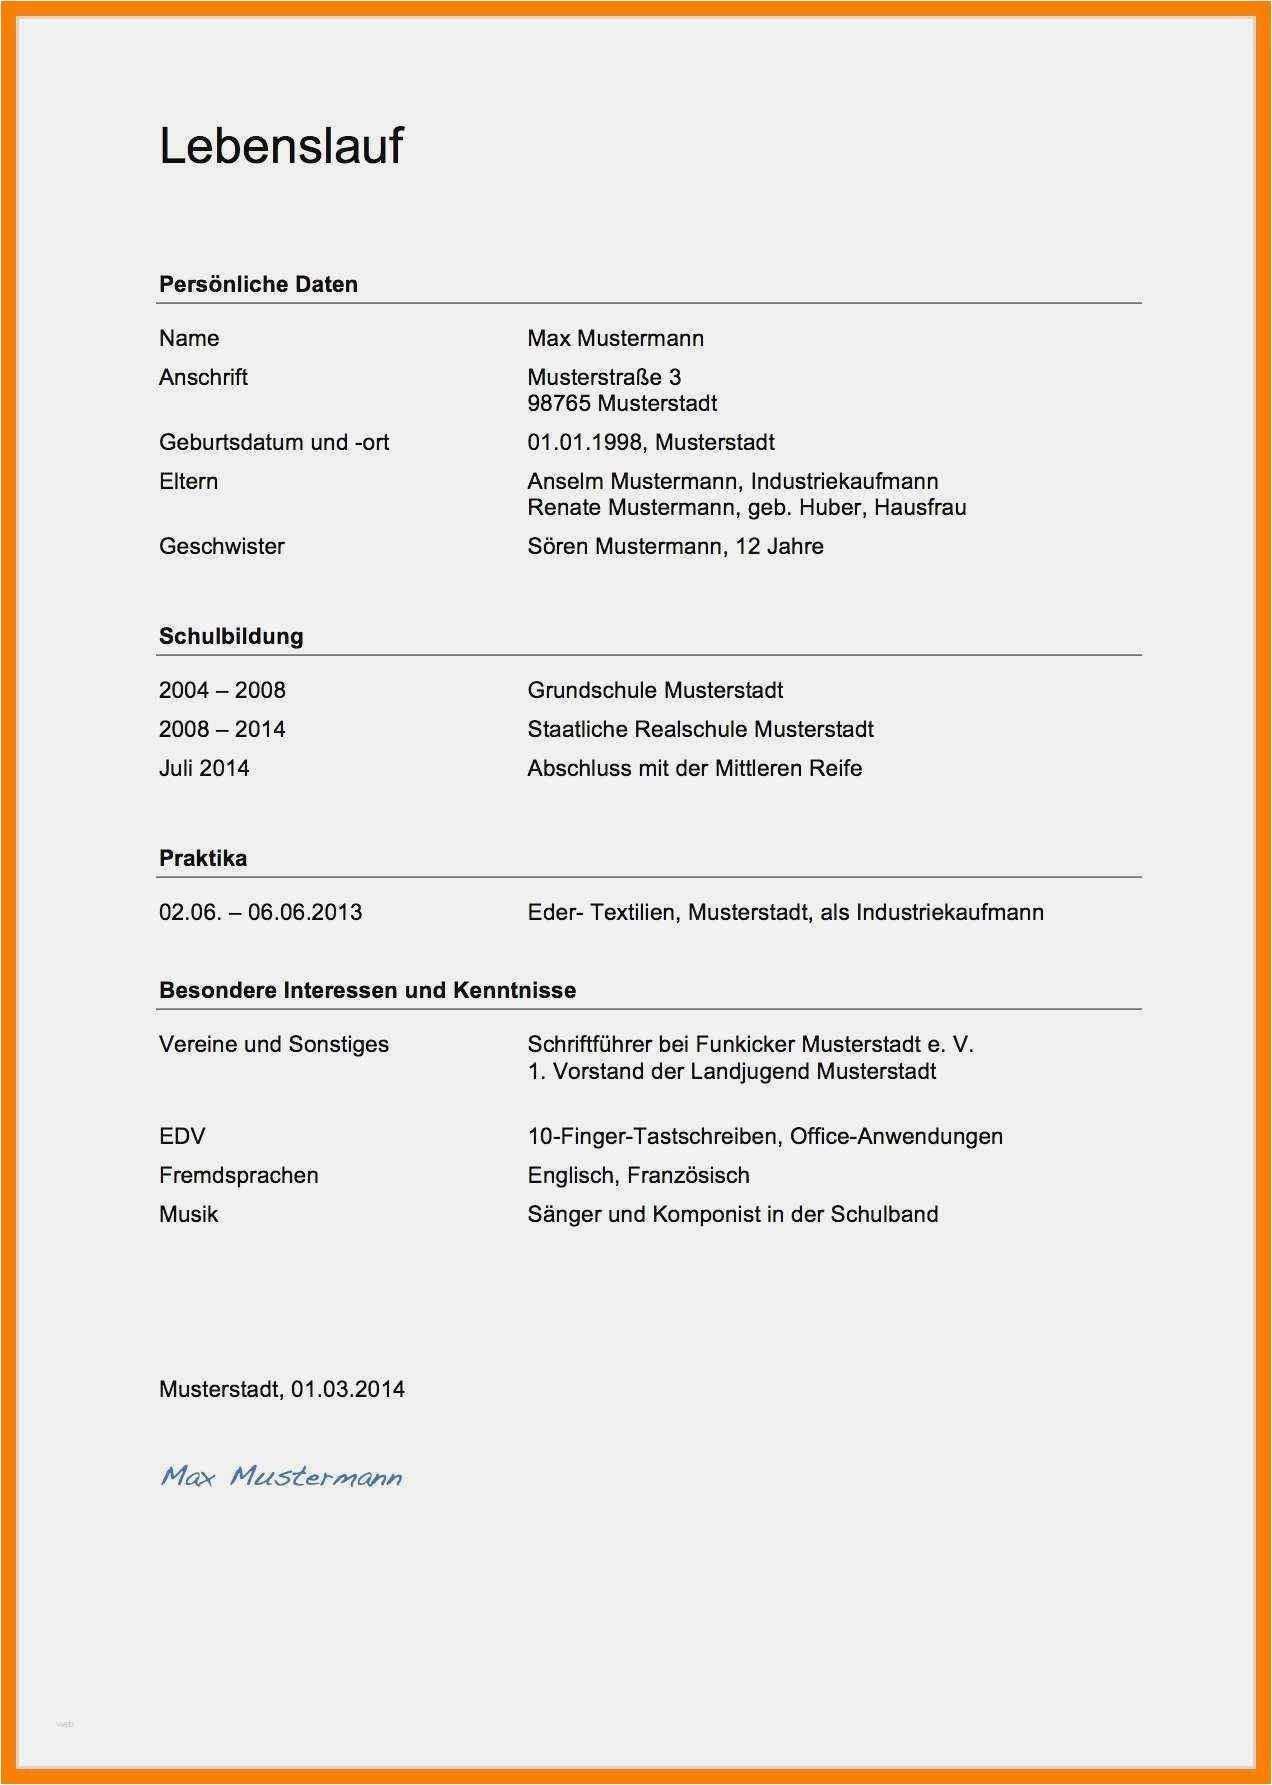 Lebenslauf Vorlagen Franzosisch In 2020 Lebenslauf Vorlagen Lebenslauf Vorlagen Word